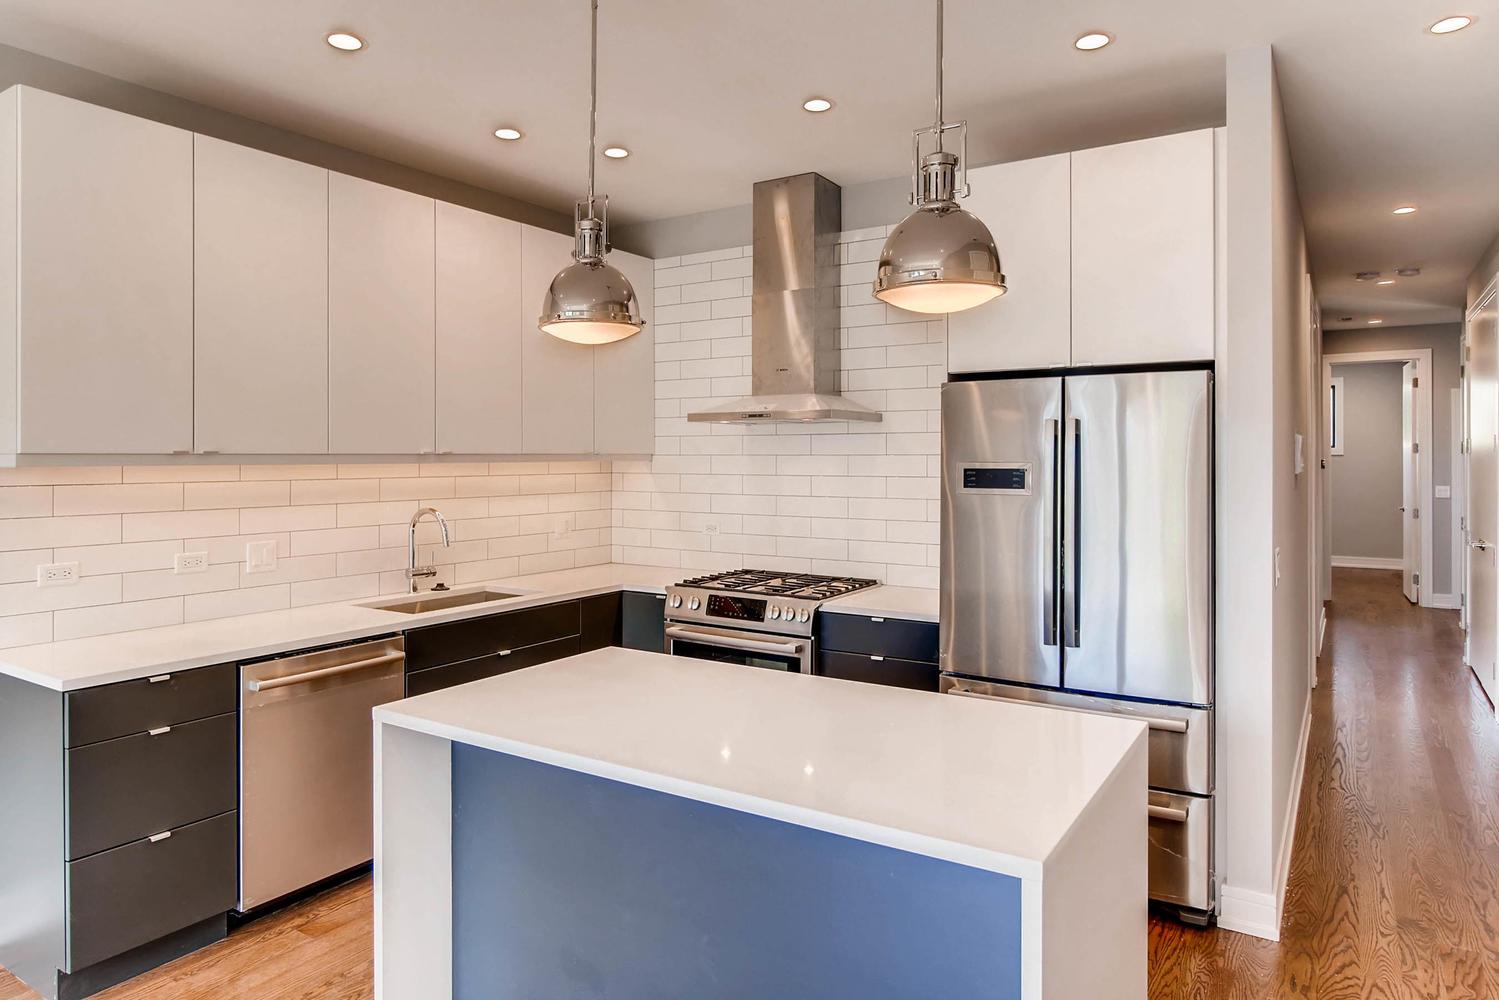 2848 N Damen Ave Chicago IL-large-013-32-2nd Floor Kitchen-1500x1000-72dpi.jpg